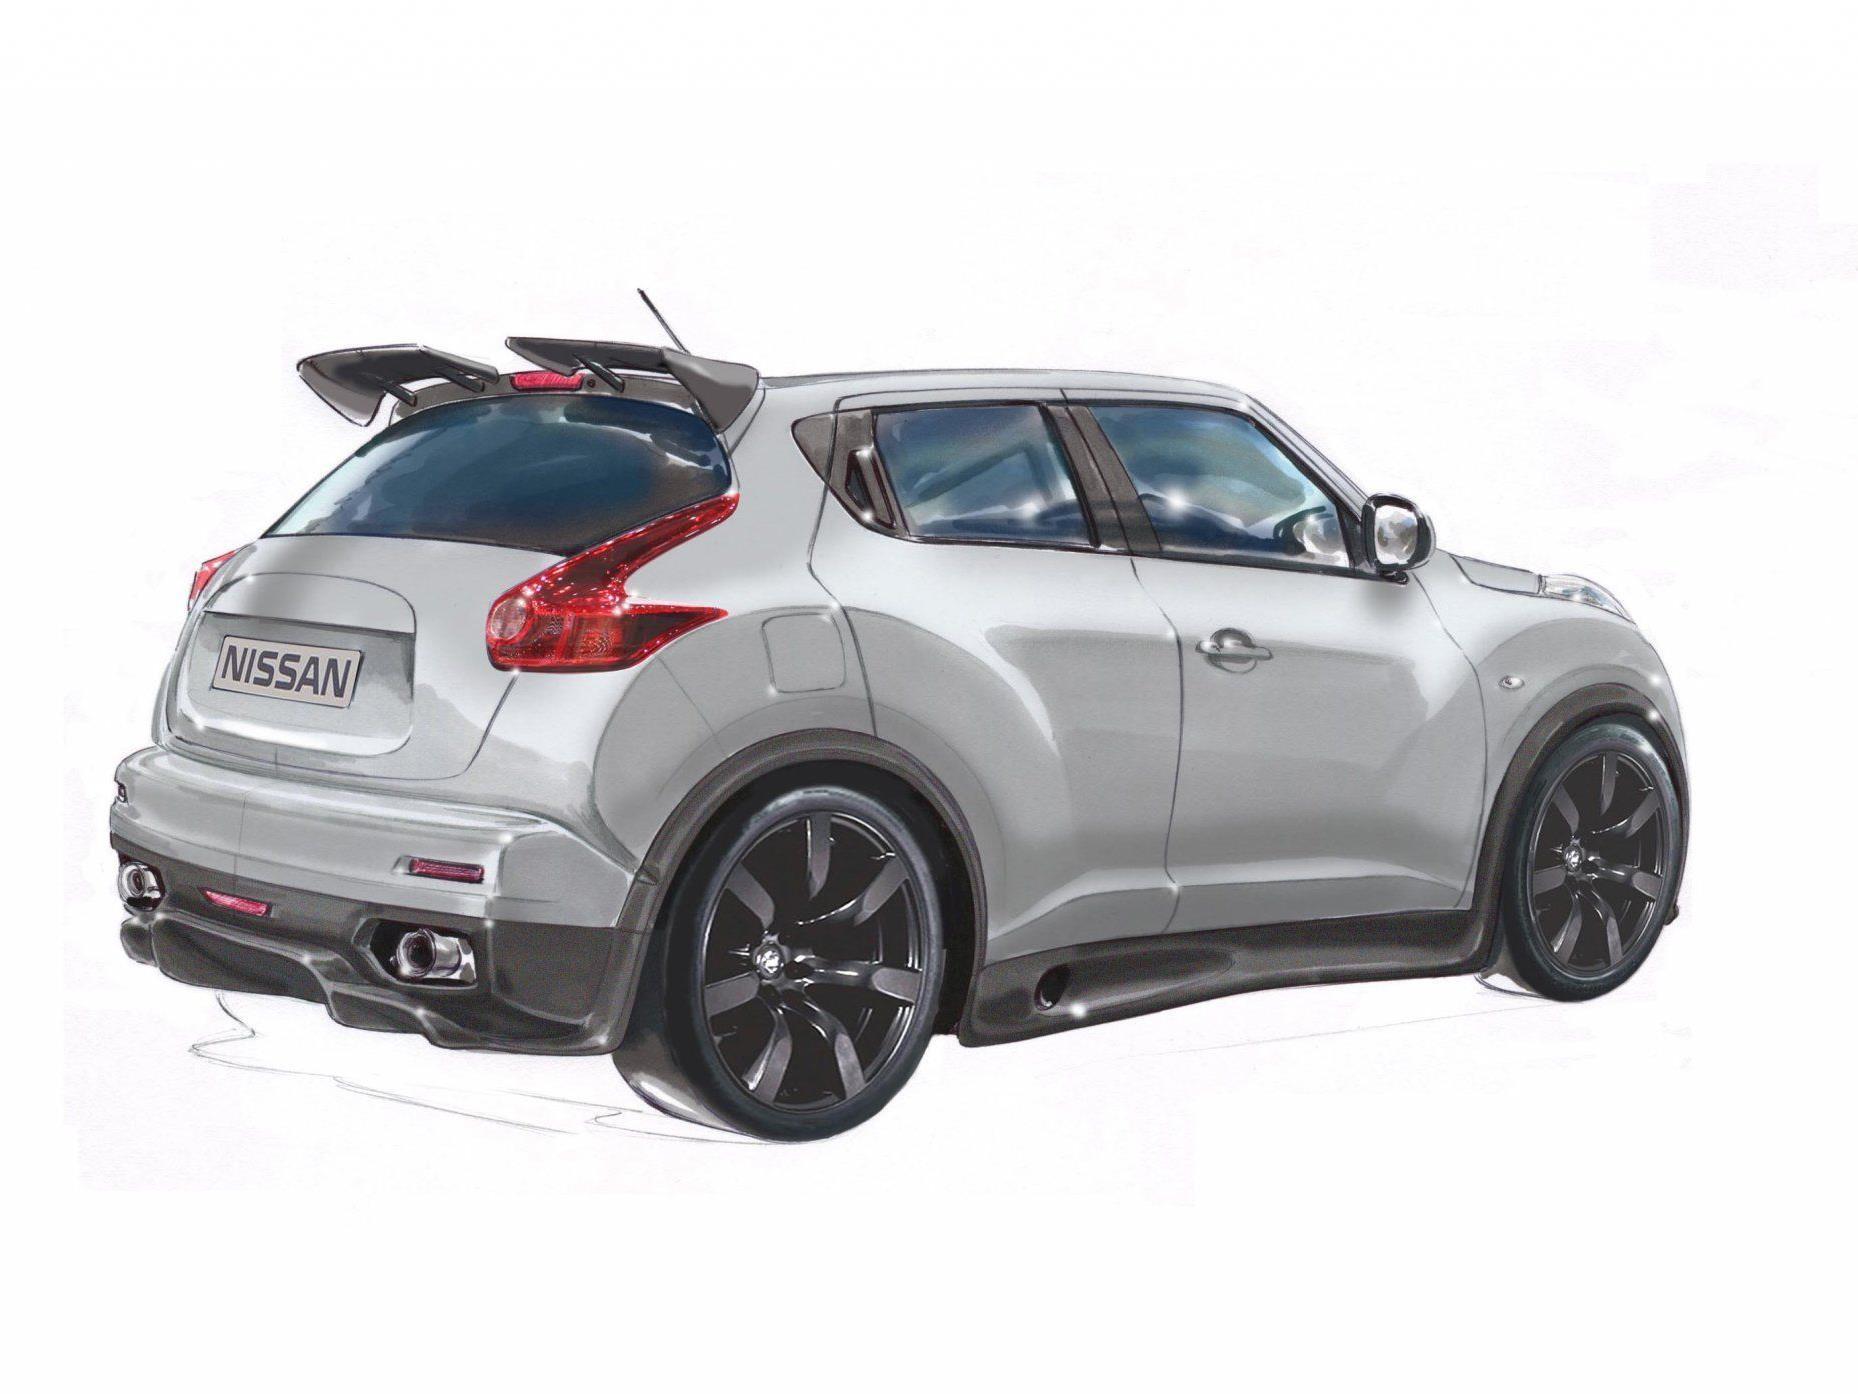 Nissan Juke-R weiß zu beeindrucken